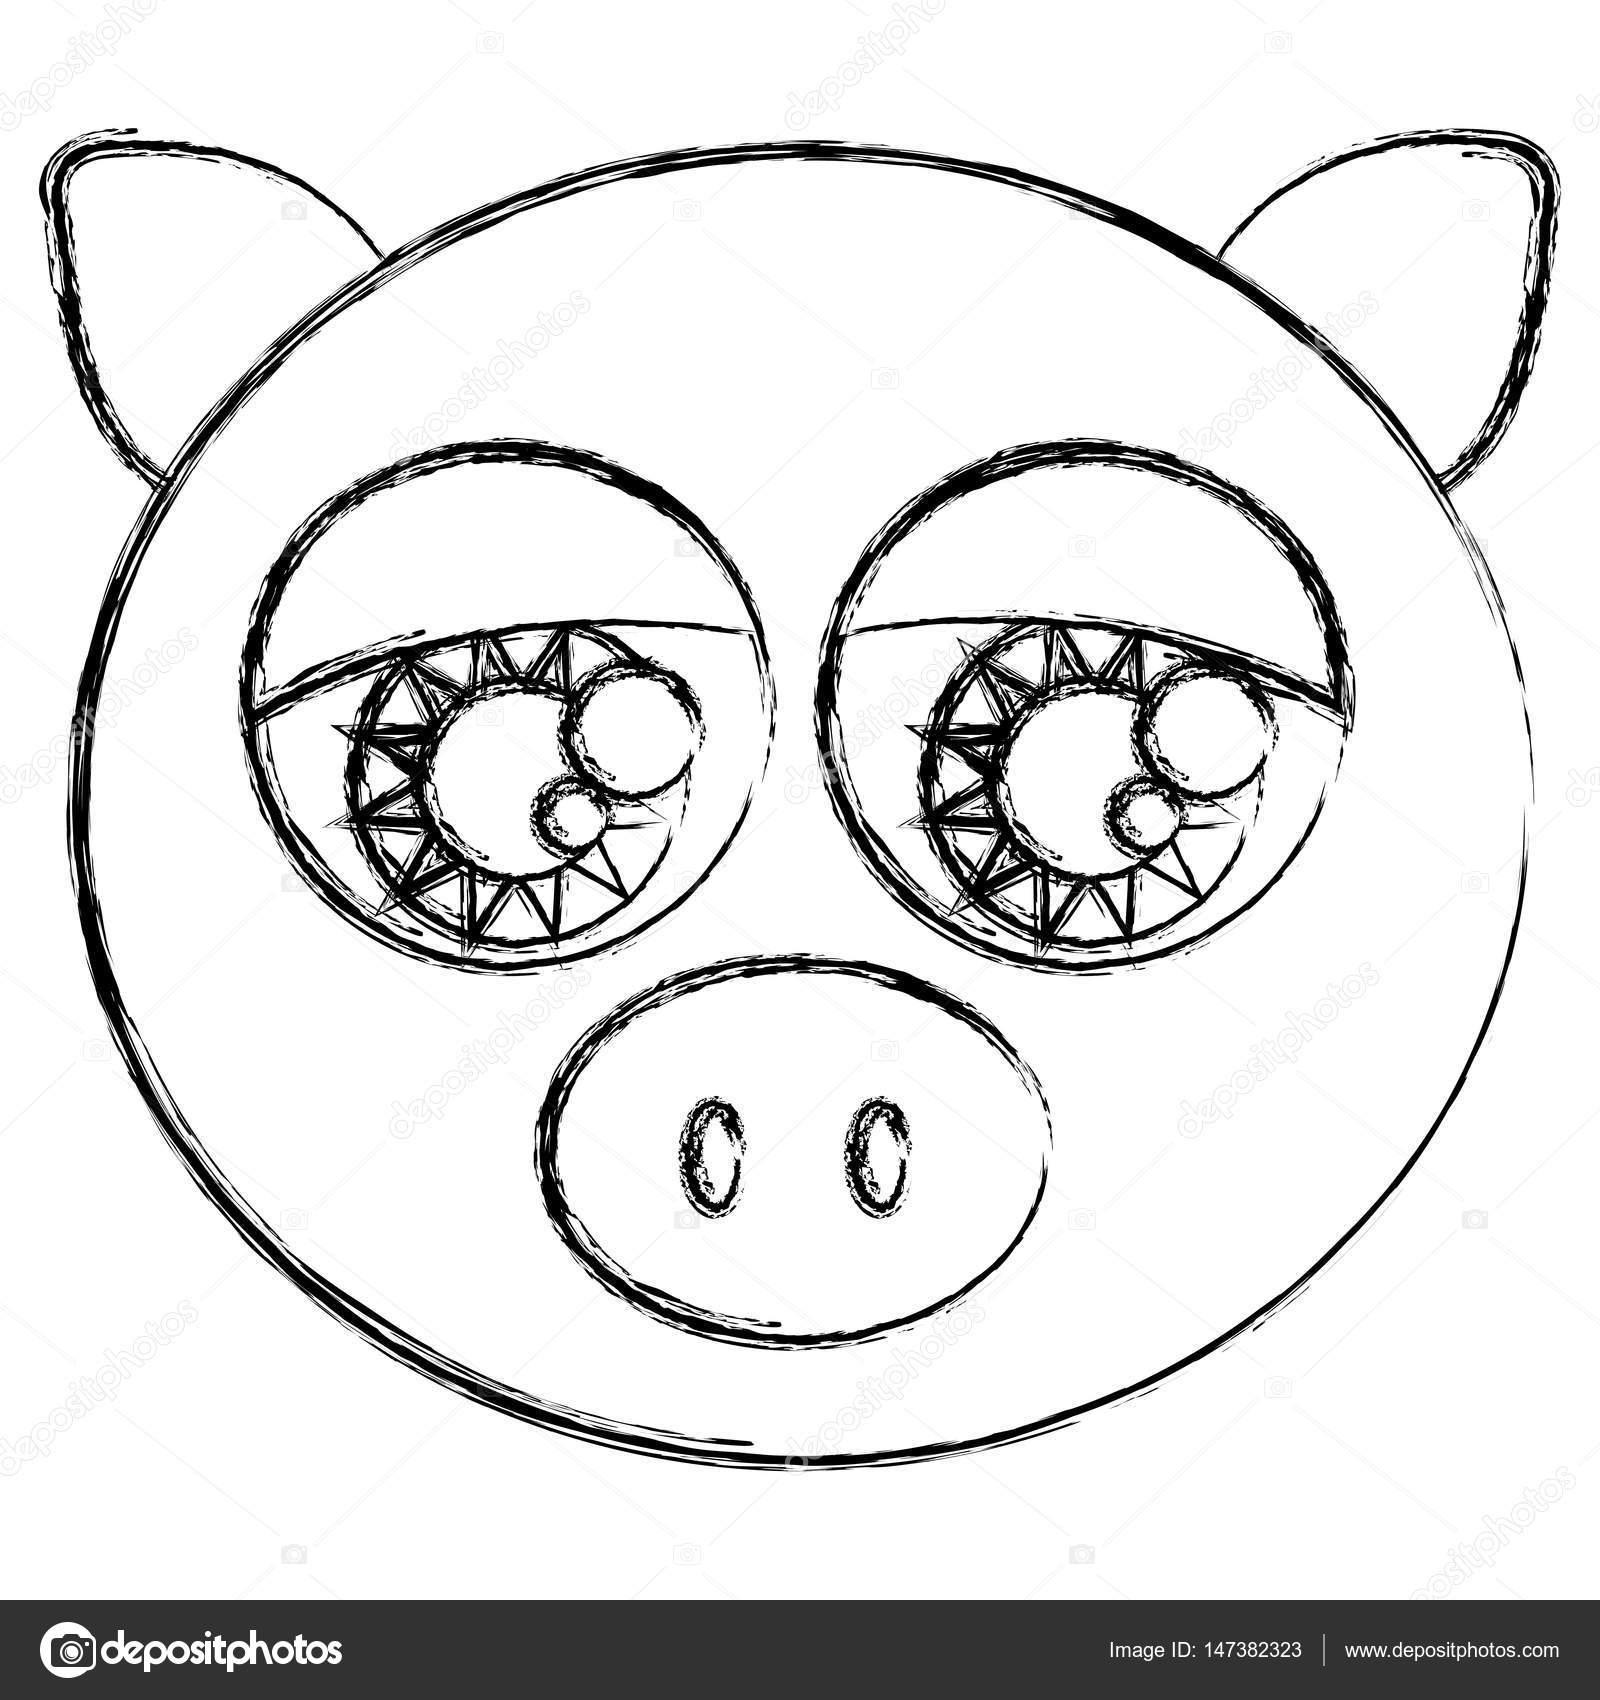 dibujo borrosa silueta cara cerdo lindo animal con ojos grandes ...